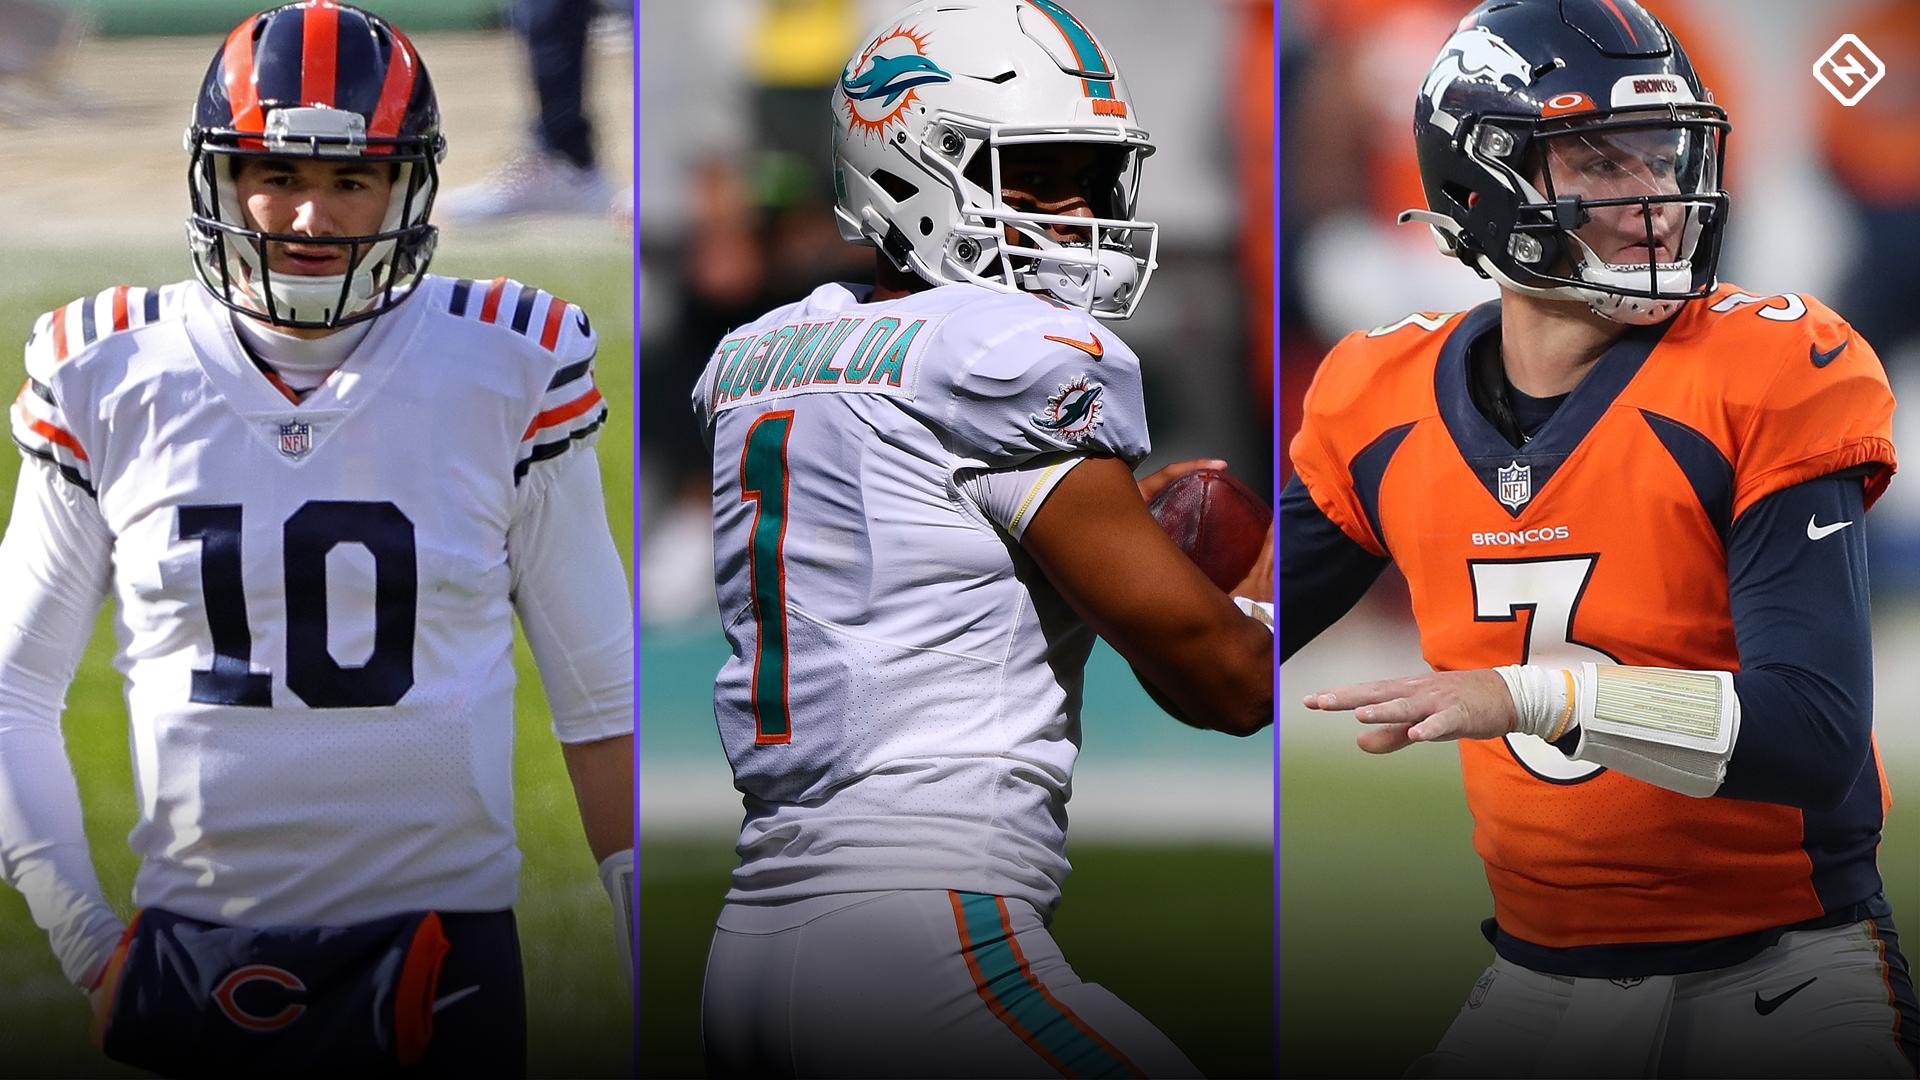 NFL Week 15 Betting Guide: Spread, moneyline, over/under picks